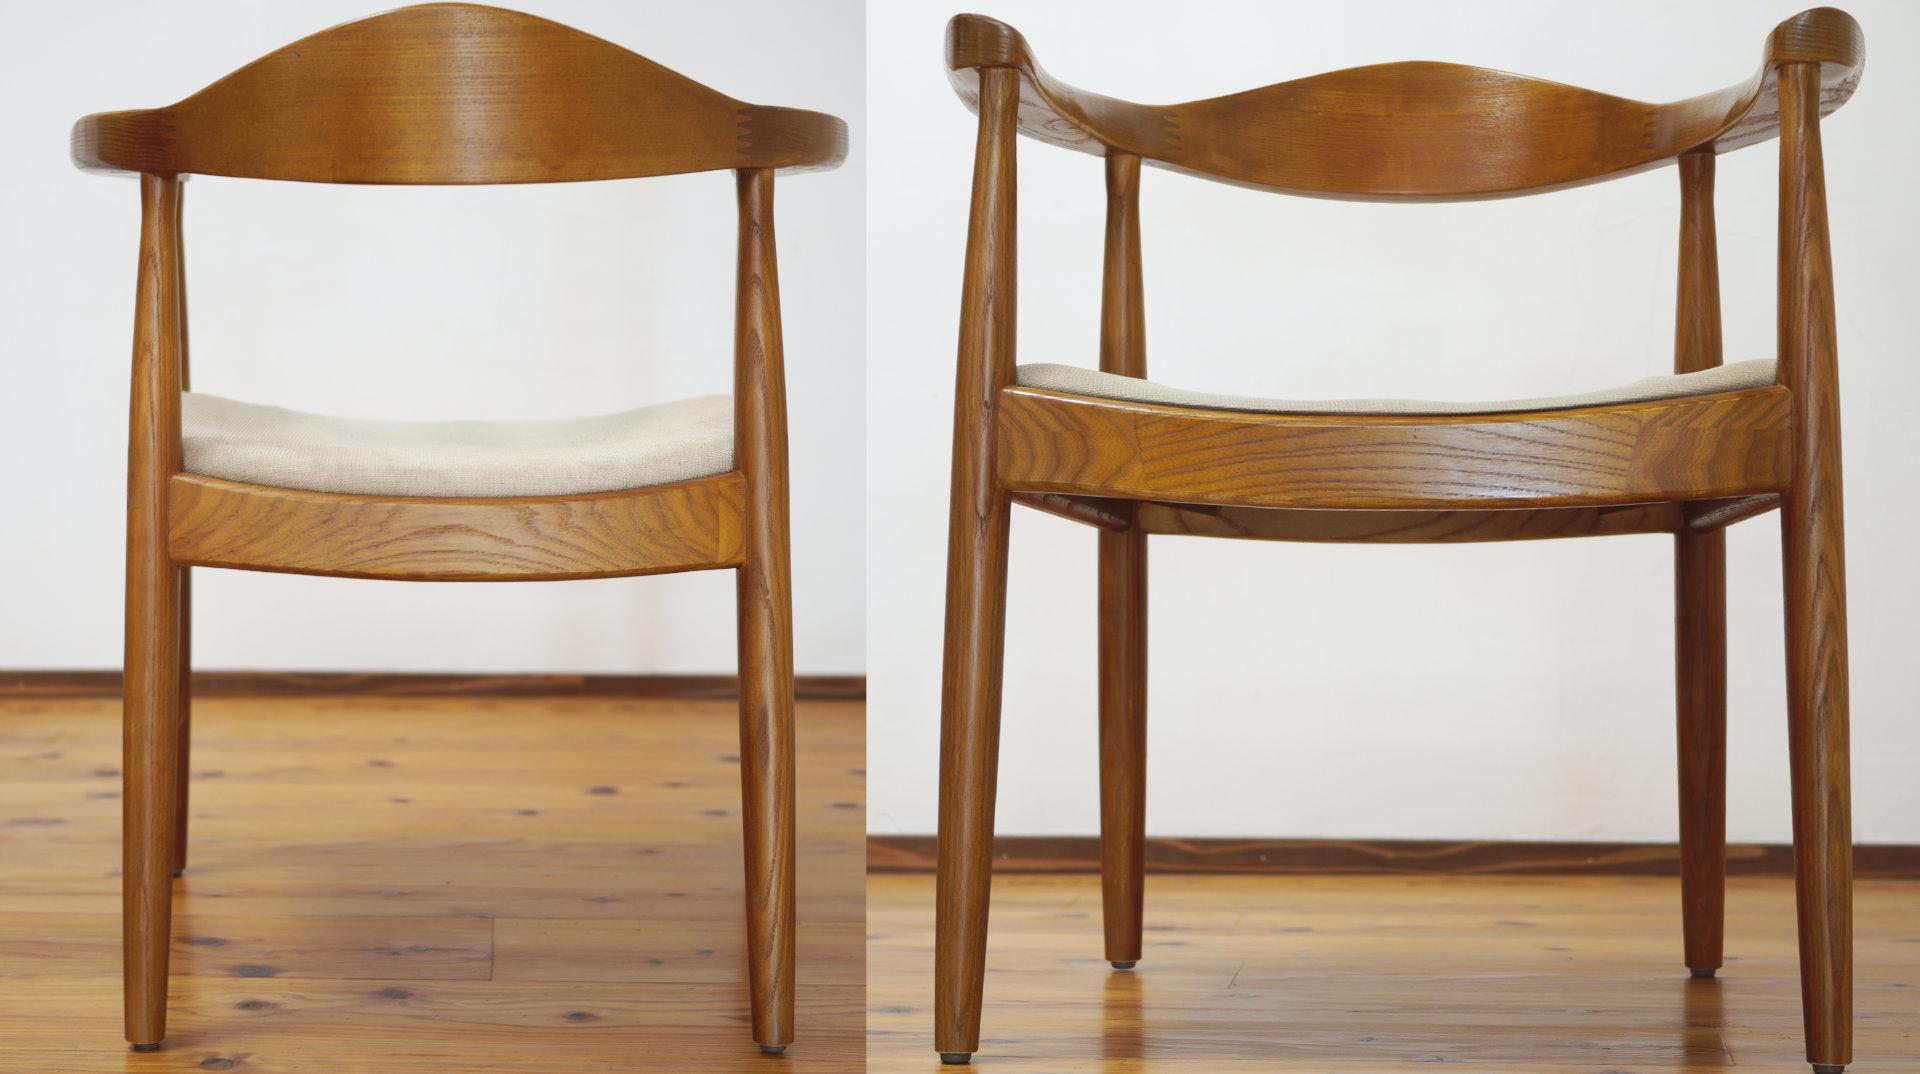 前後の全体写真、北欧デザイナーズ木製チェア「PP503 The Chair / ハンス・J・ウェグナー」